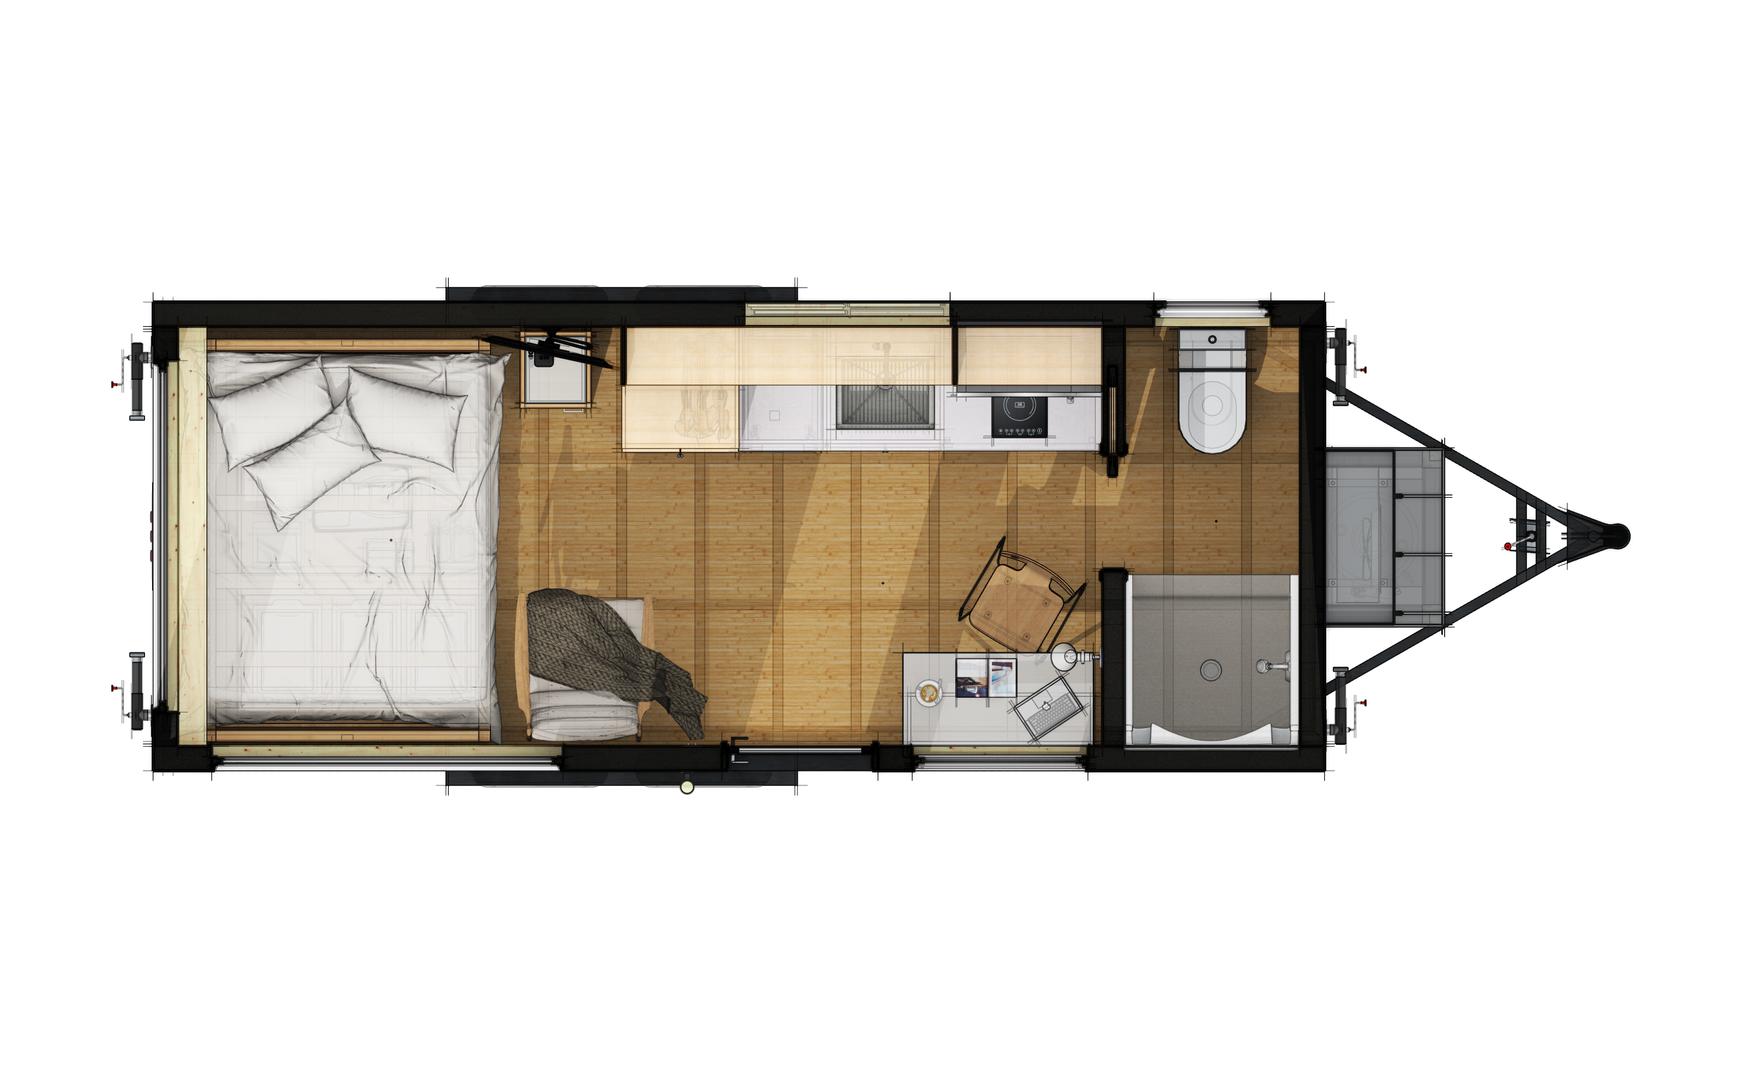 Studio 20 Layout Ideas: Queen Bed